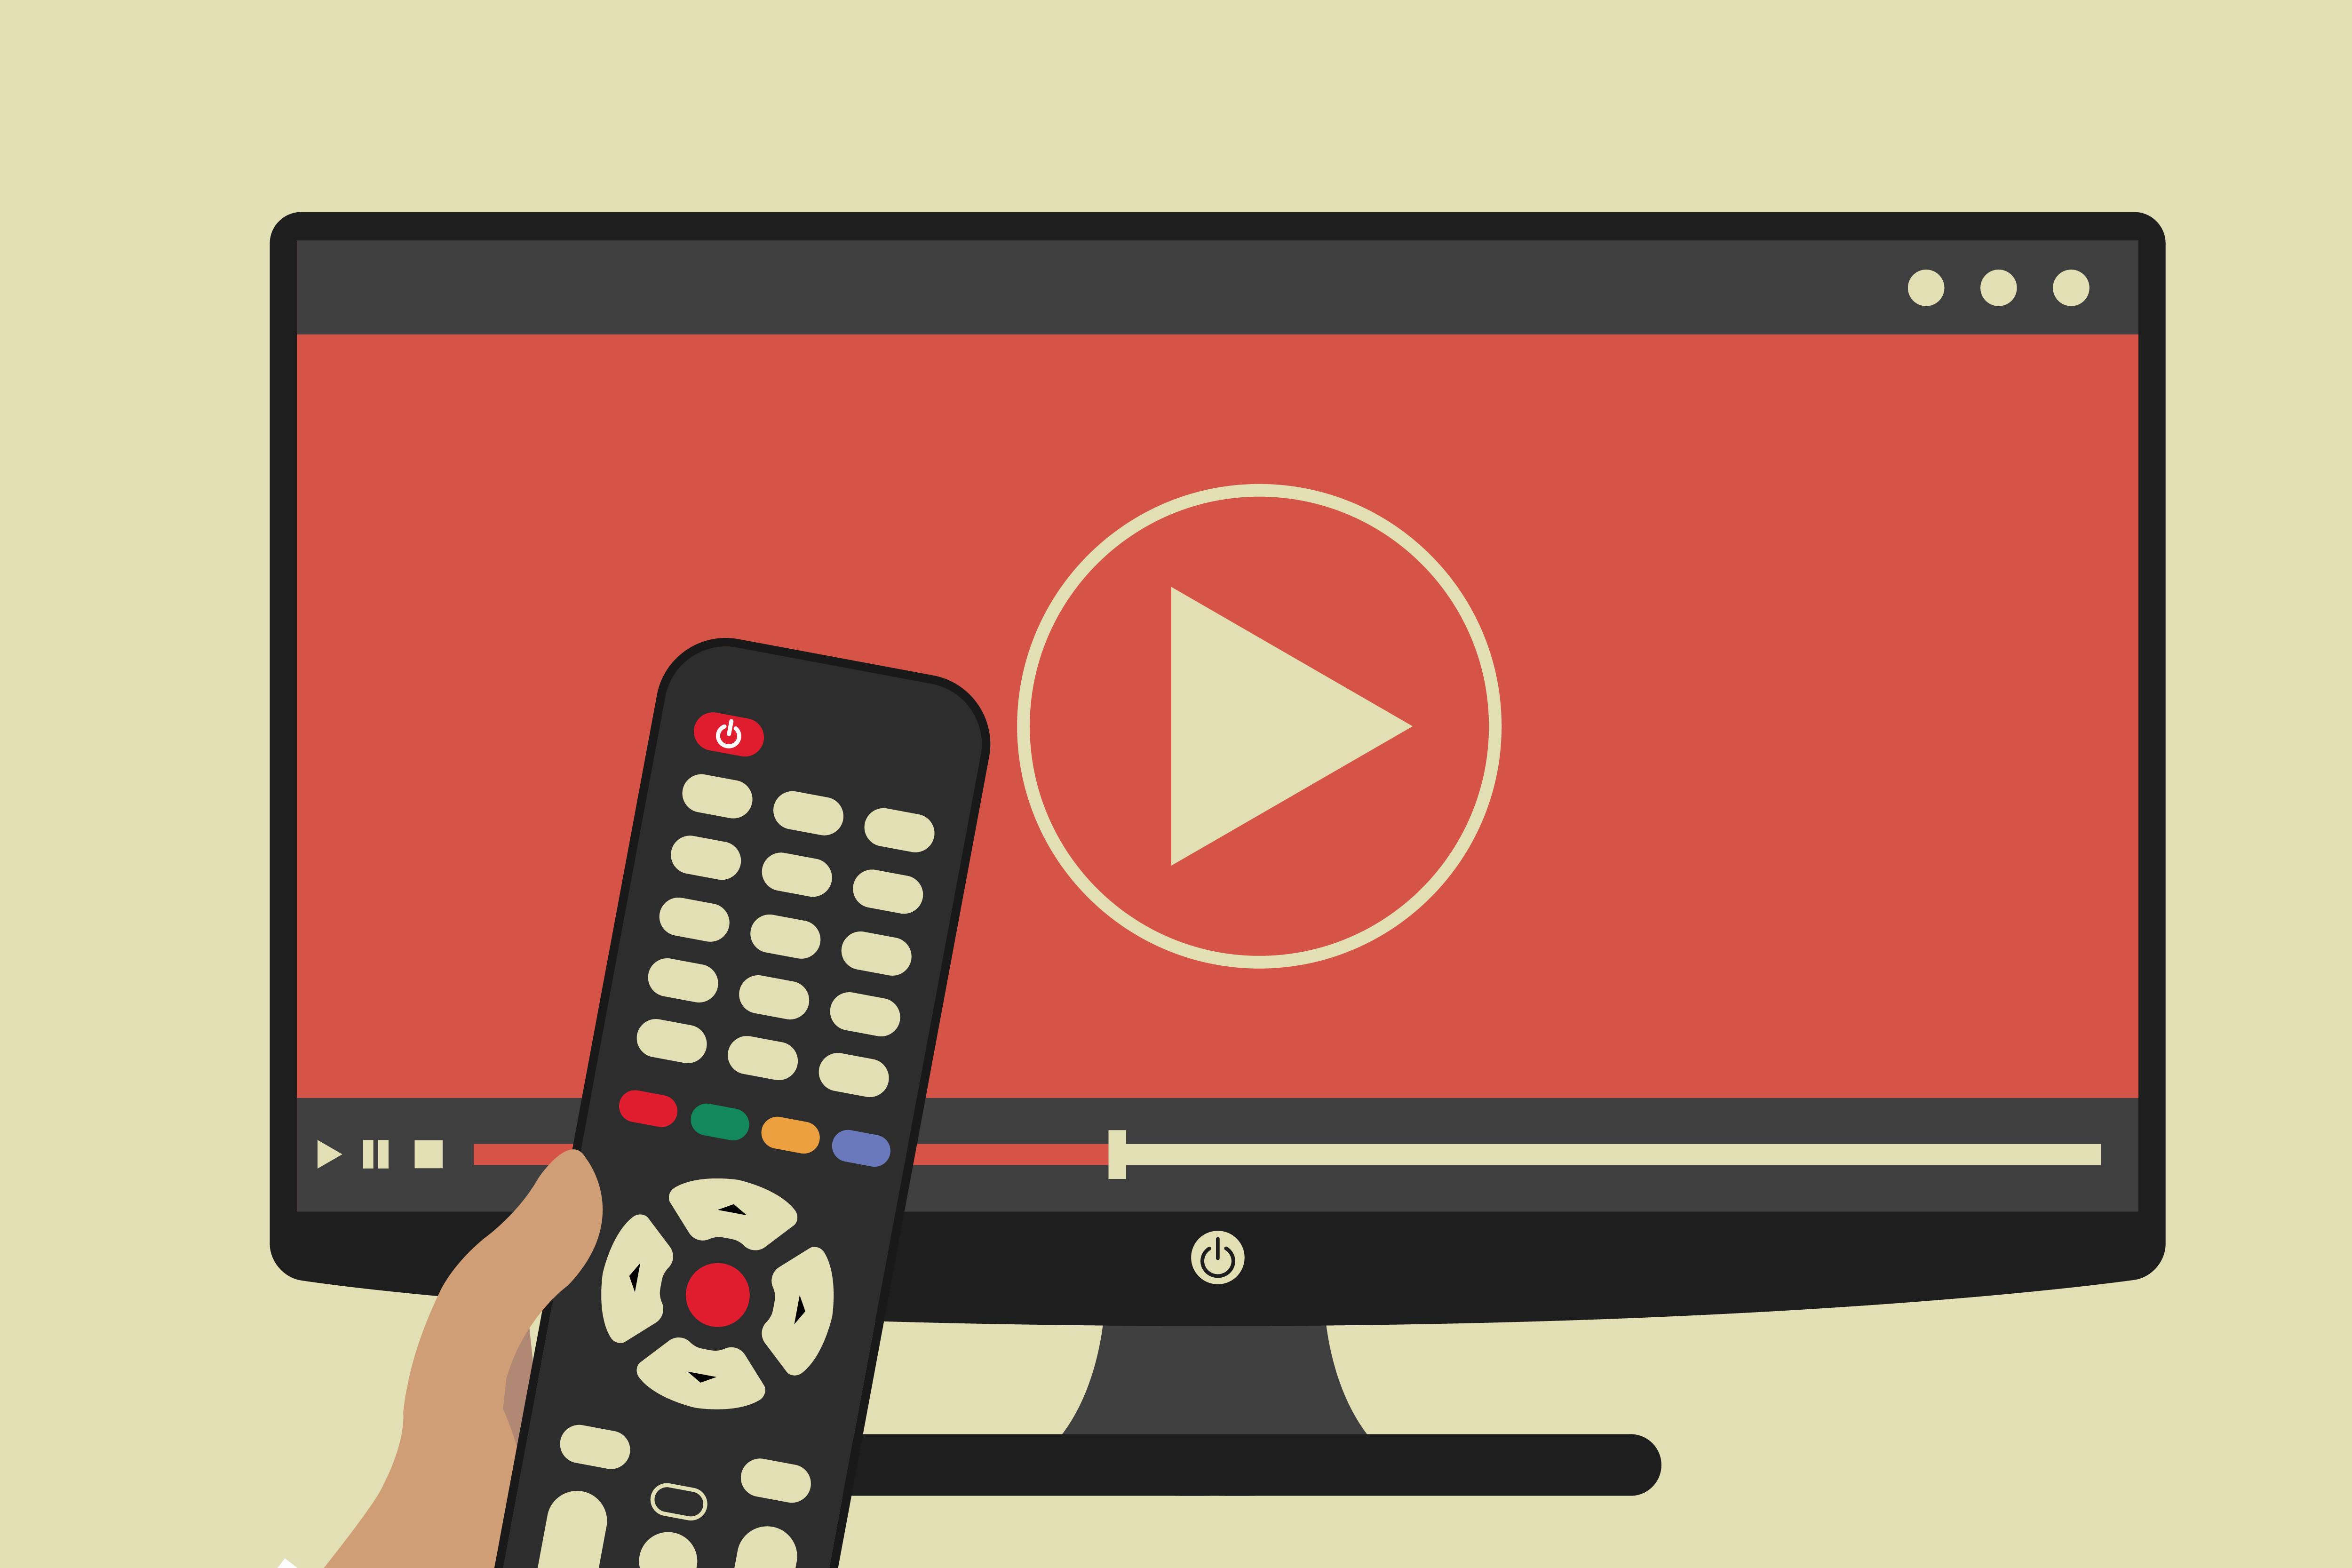 Canal Enfermero realiza hoy un taller sobre cómo utilizar la televisión en internet para potenciar la salud